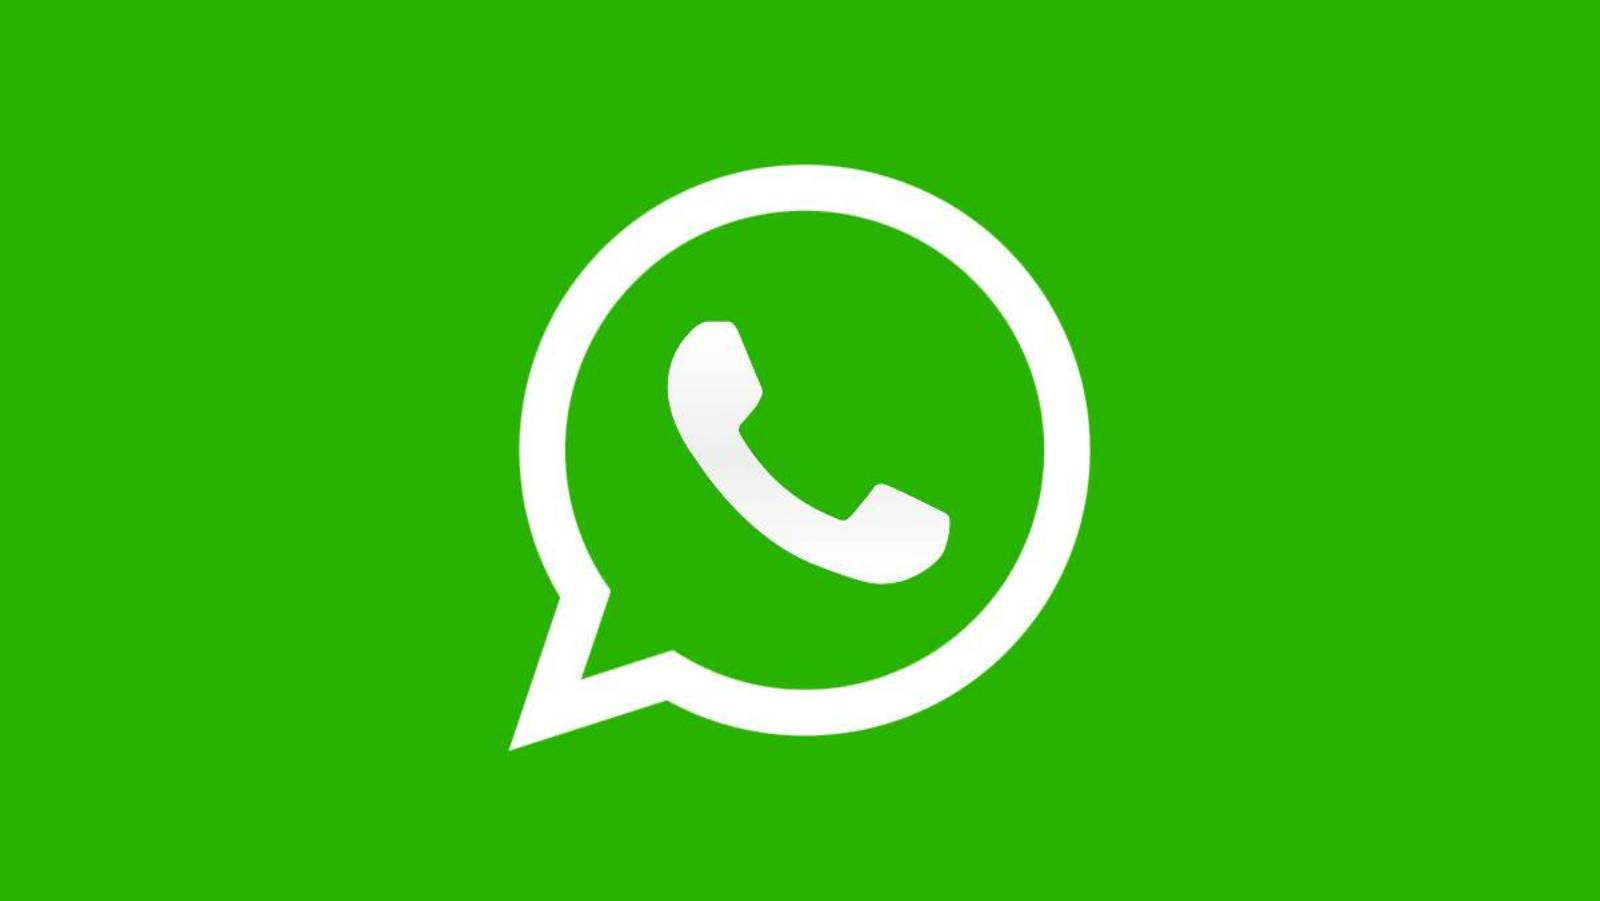 WhatsApp sdk